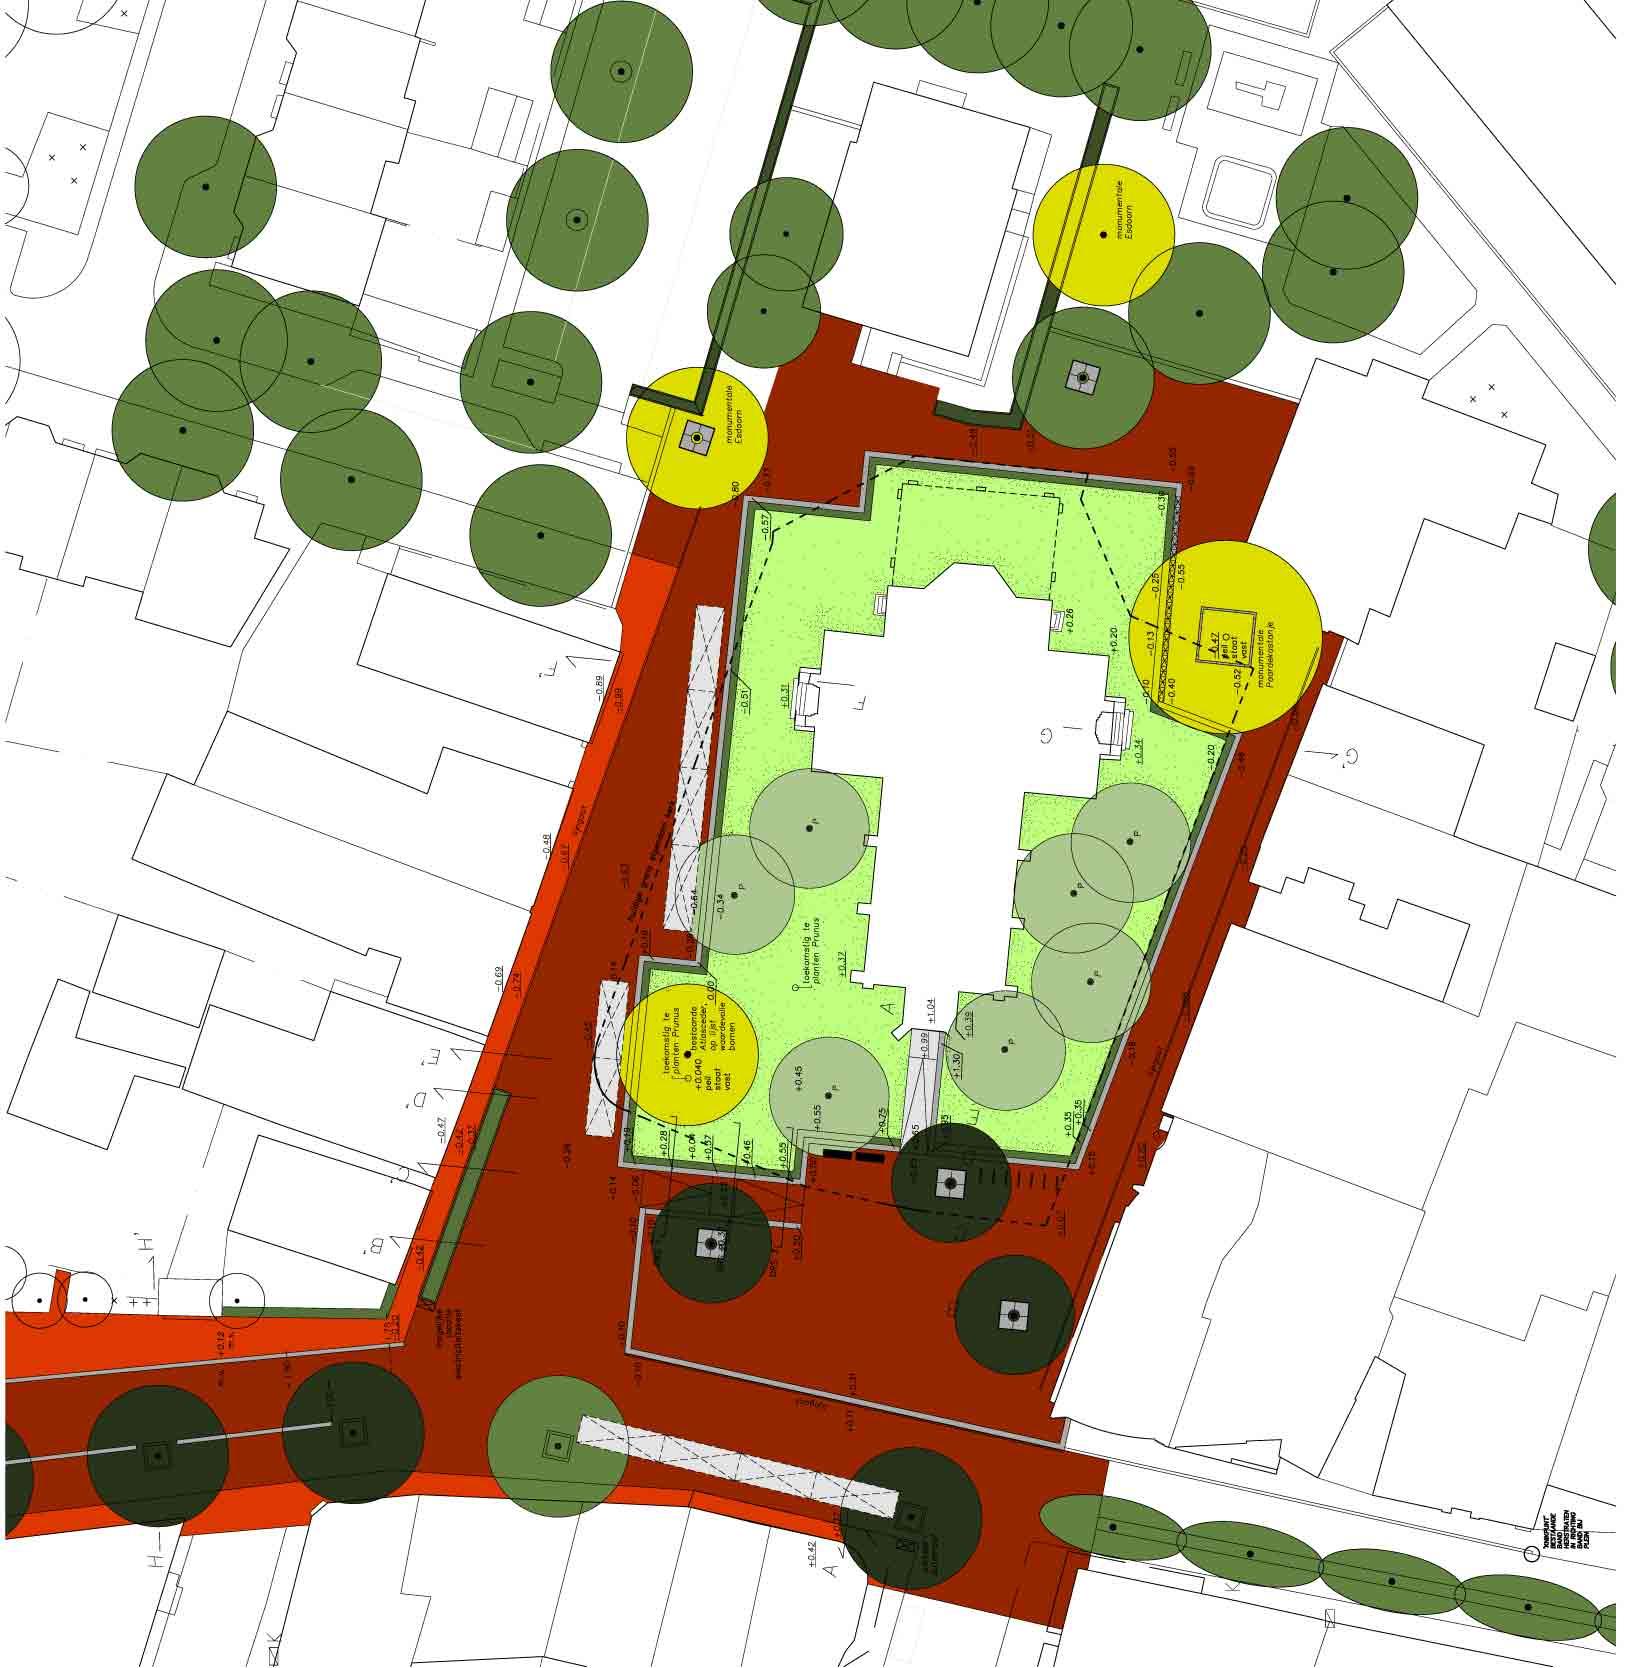 diekman-Landschapsarchitecten_Dorpsplein-Amstelveen_plan_30sept2009-1_200-kleur-1